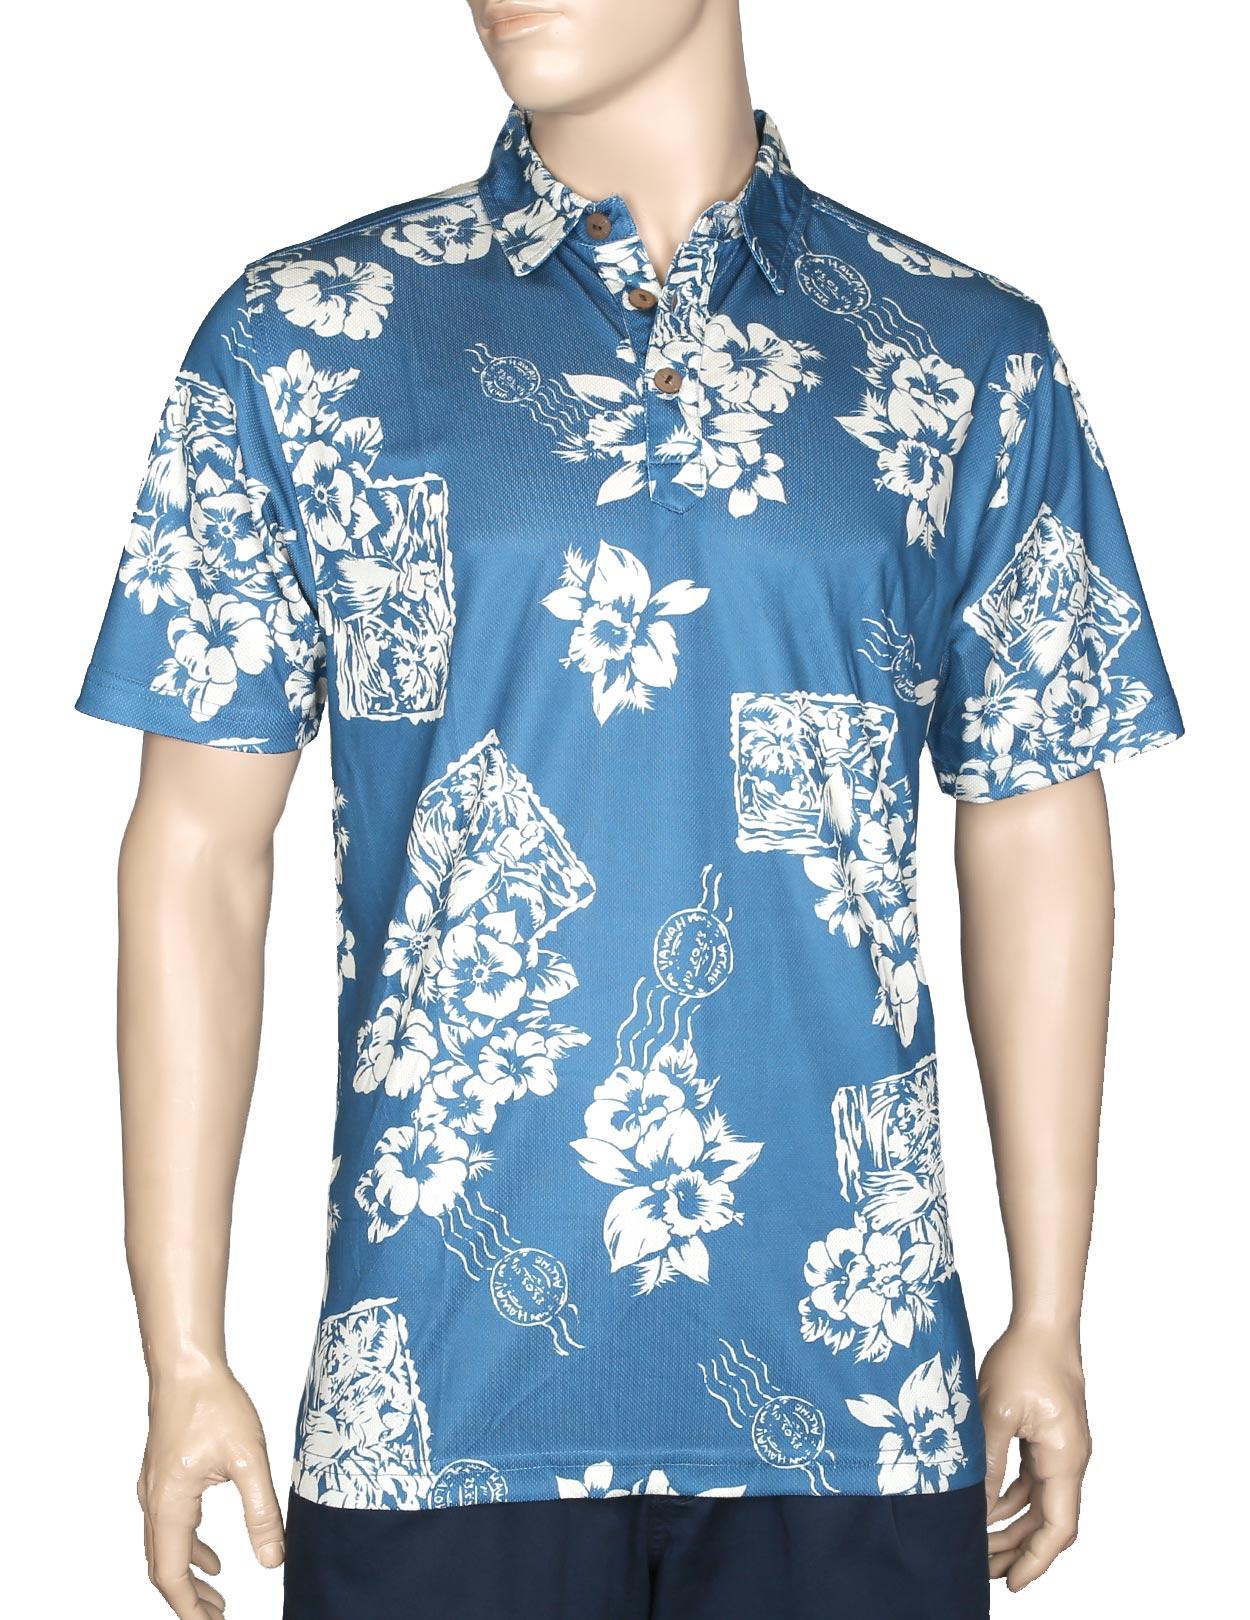 Floral Postcard Blue Polo Shirt Wrinkle Free Shaka Time Hawaii